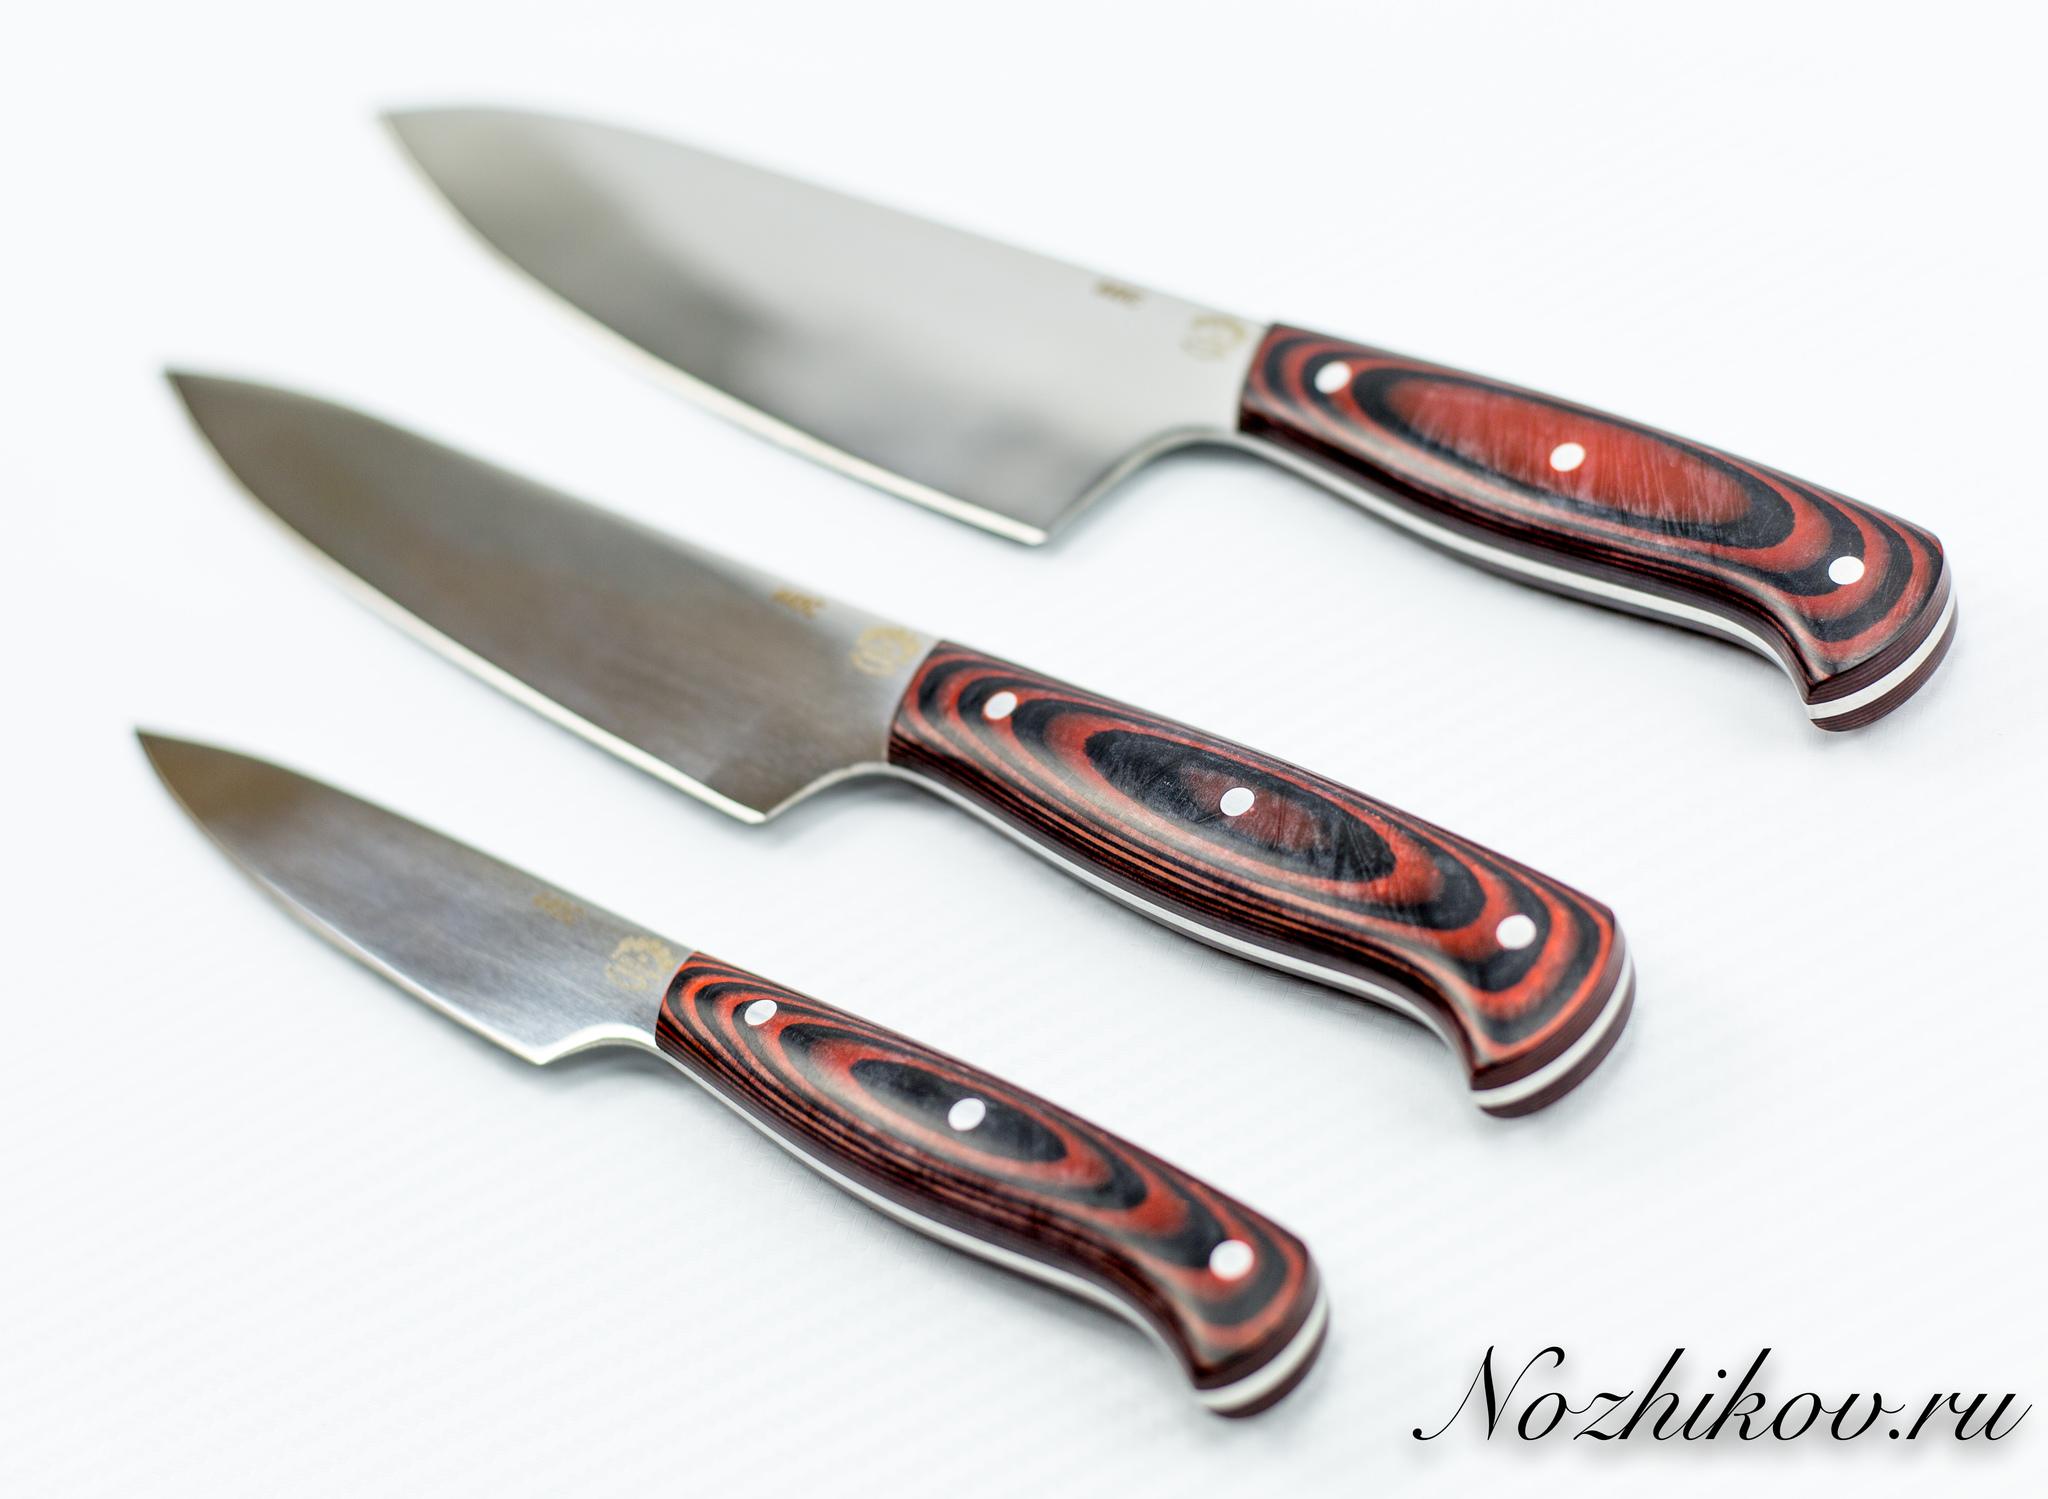 Нож с фиксированным клинком EX-F01 Stone-Tumbled Blade, Gray/Tan G-Mascus® G10 Handle 17.78 см.